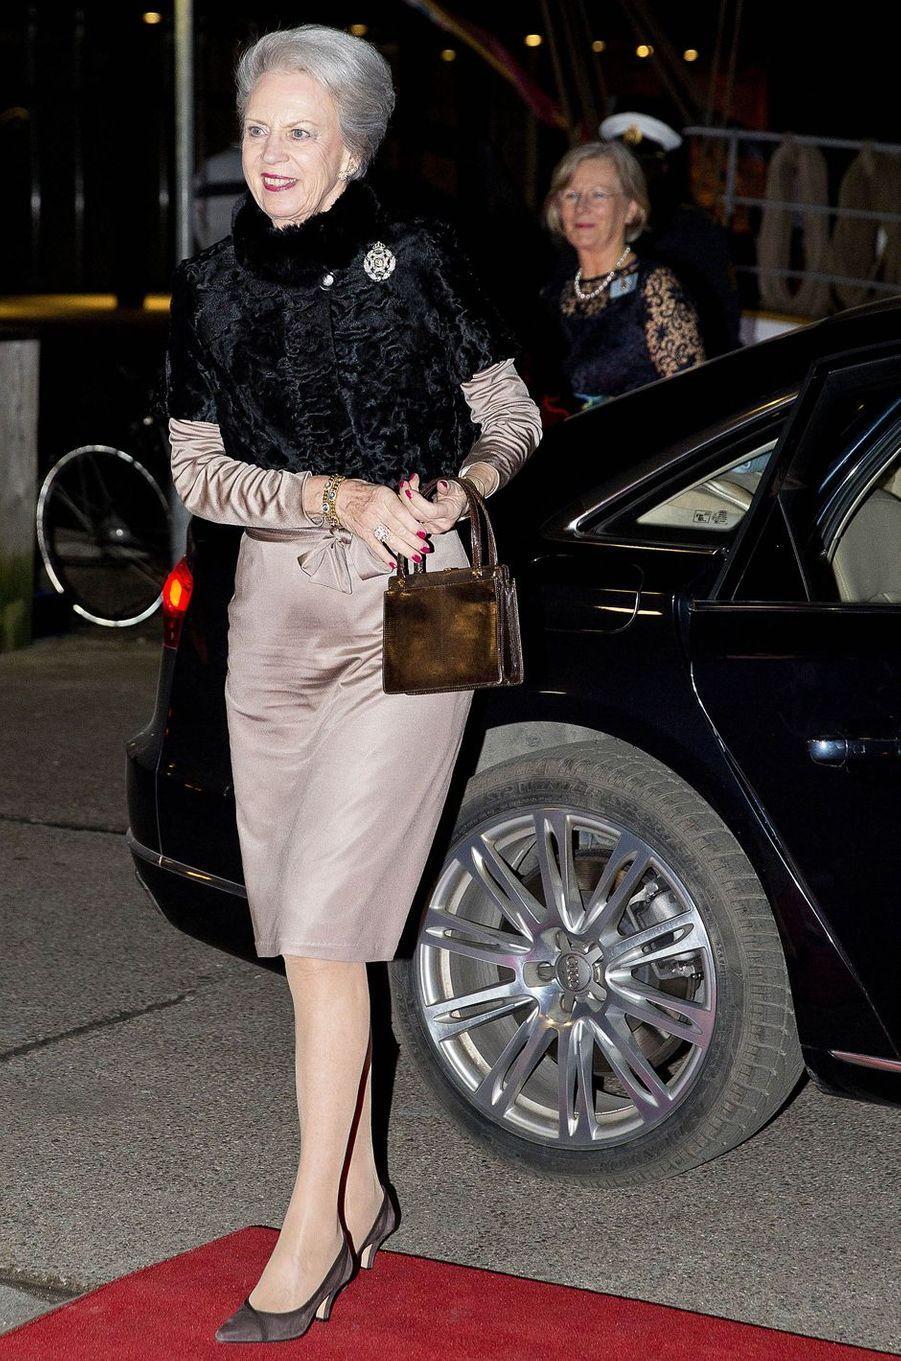 La princesse Benedikte de Danemark à Copenhague, le 25 janvier 2017